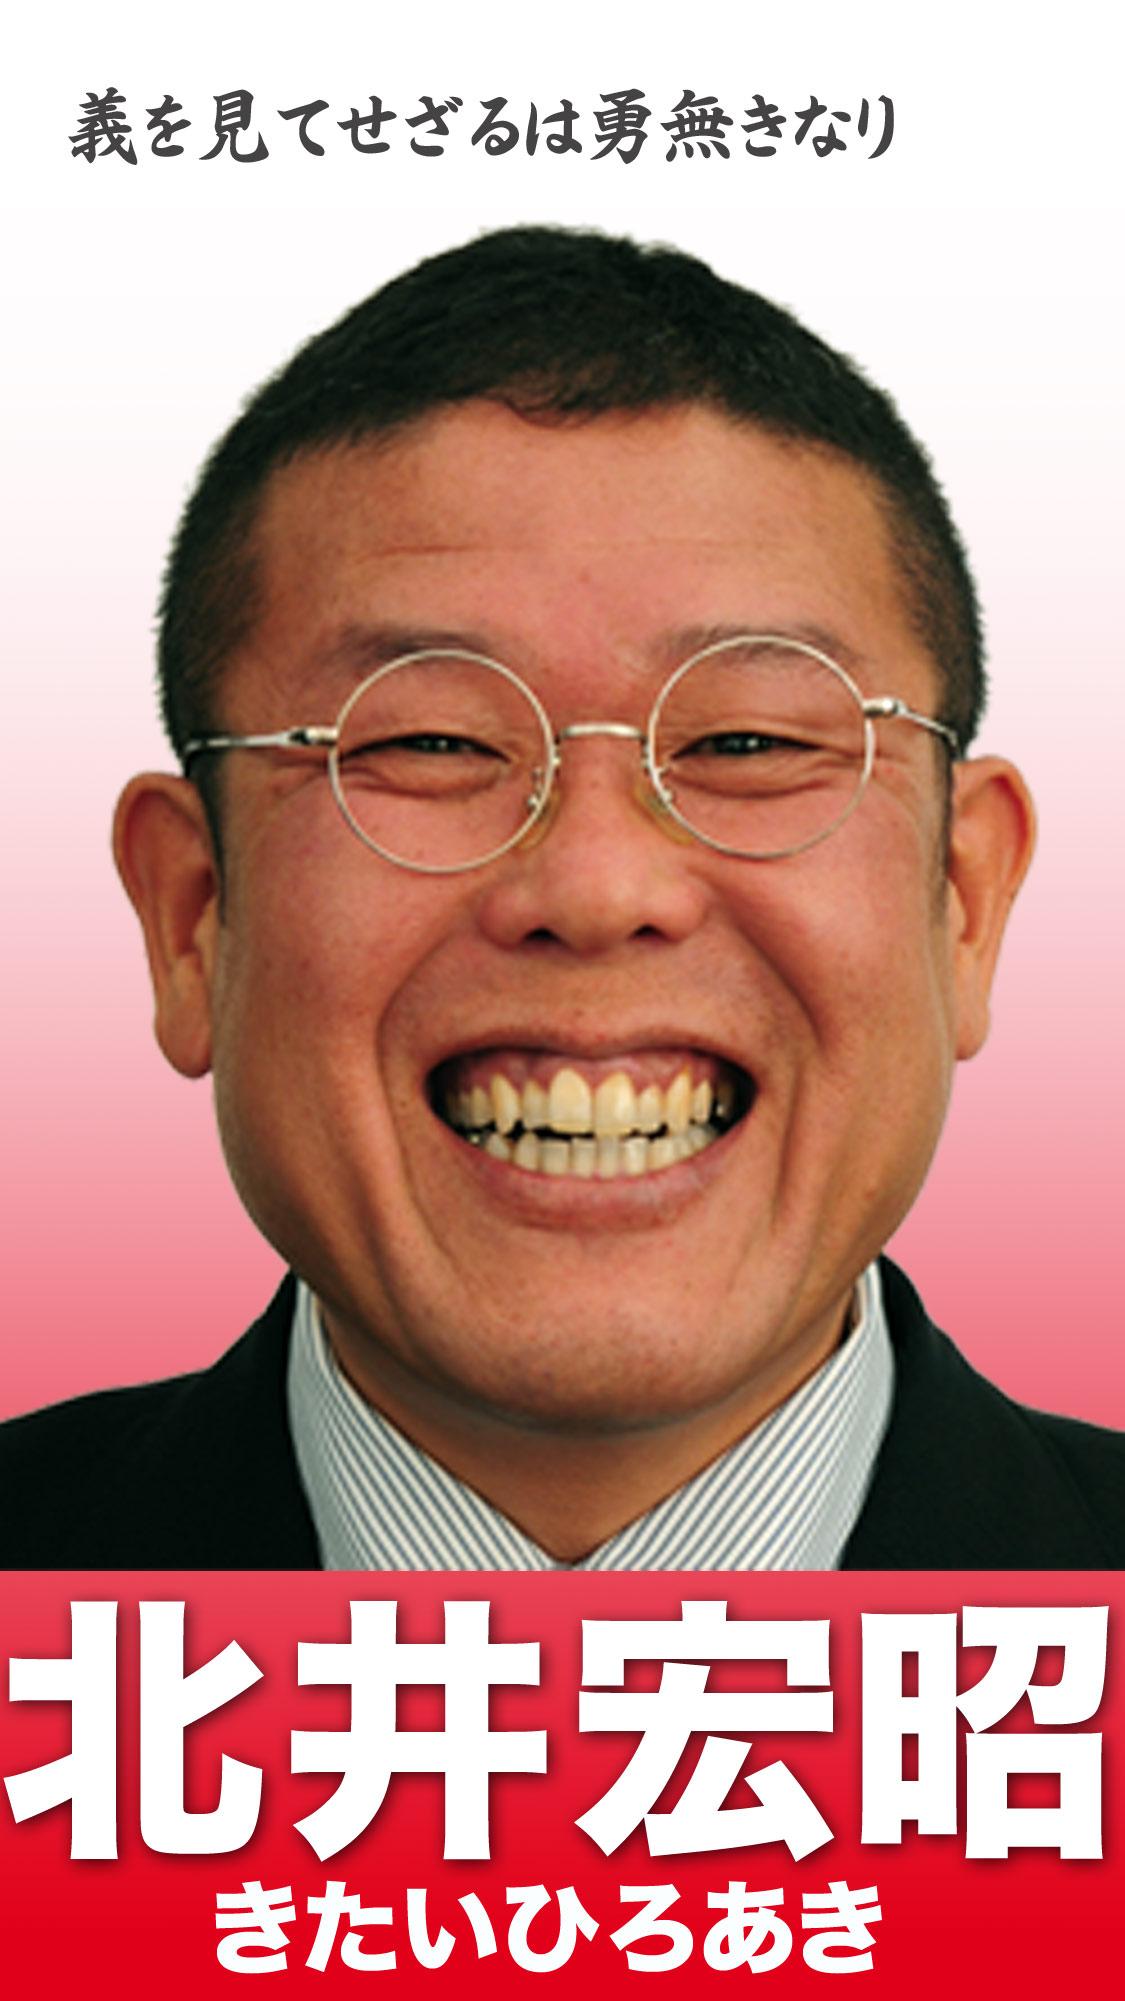 神奈川県議北井宏昭